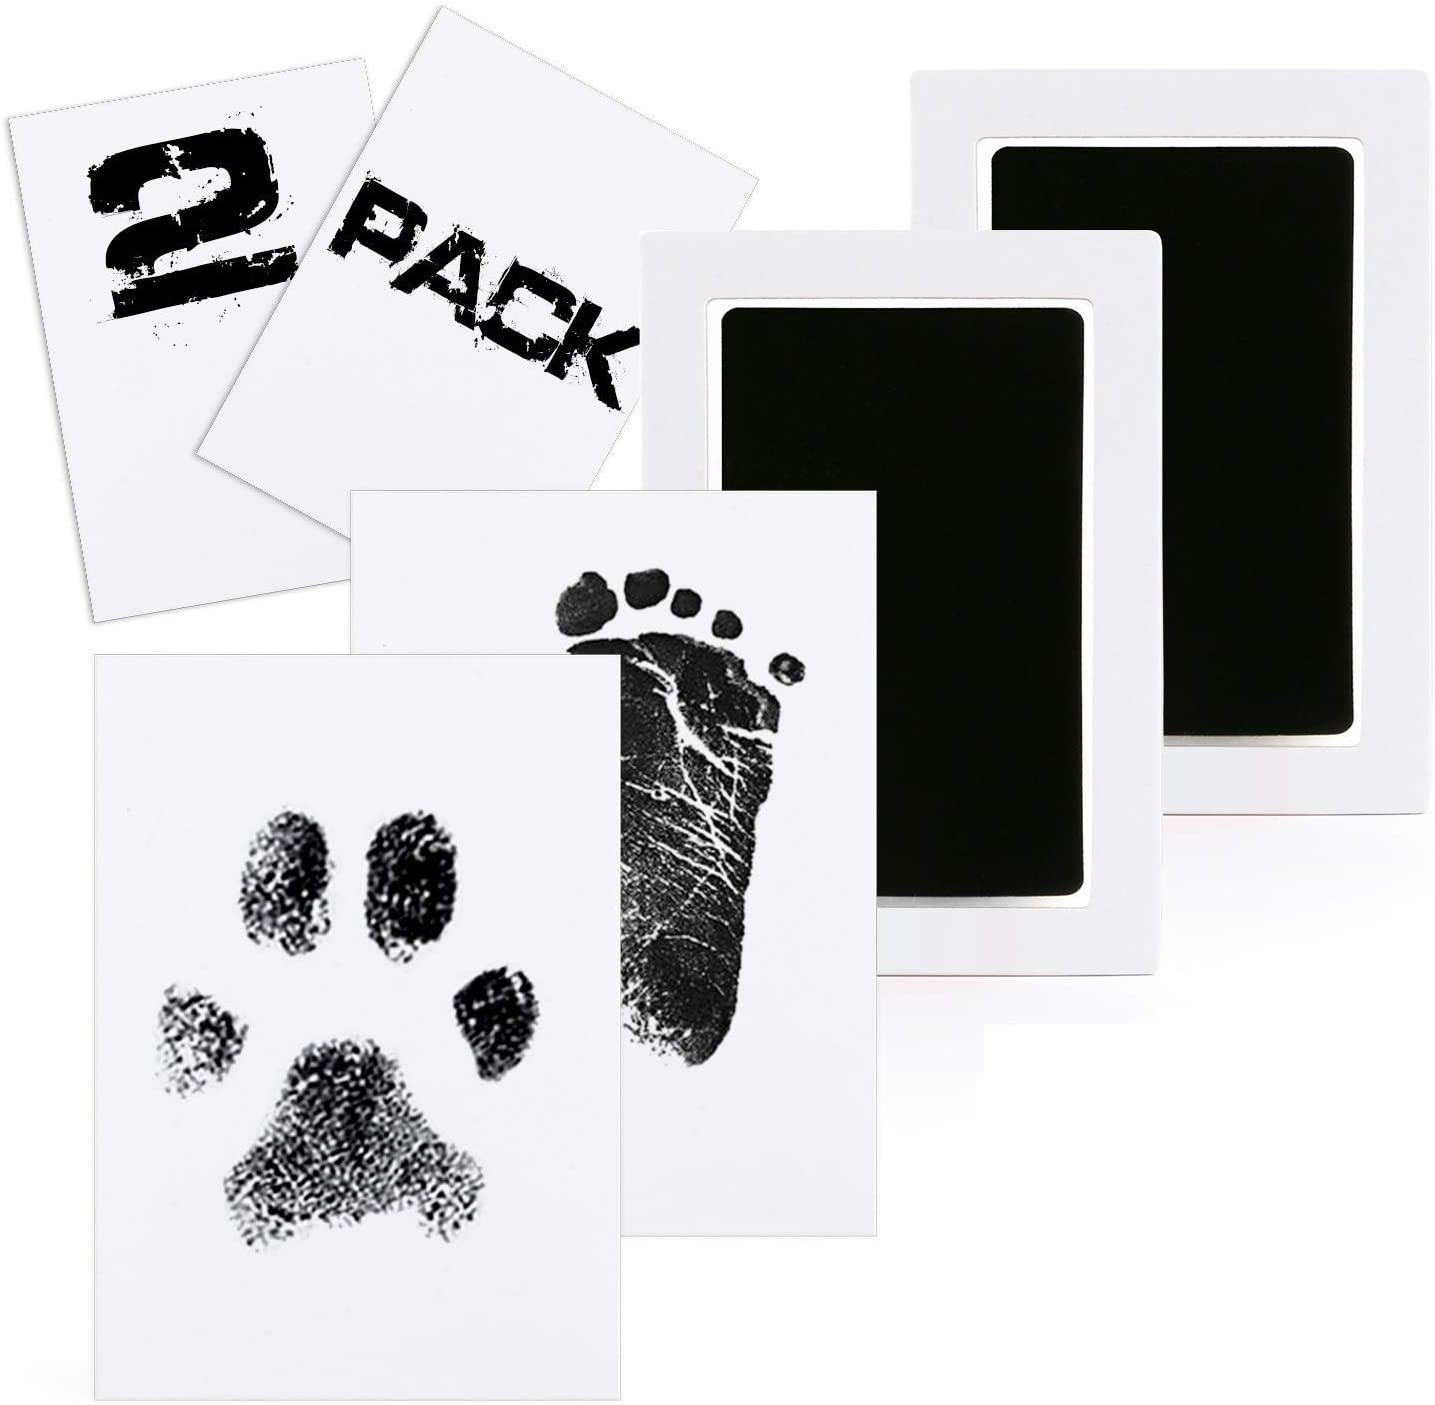 Weskimed Tinta Libre De Lío Kit De Huellas Y Huellas De Manos para Bebés,No Tóxico,2PCS Kits De Tinta De Impresión De Pata No Tóxicos Y Seguros para Bebés Y Mascotas